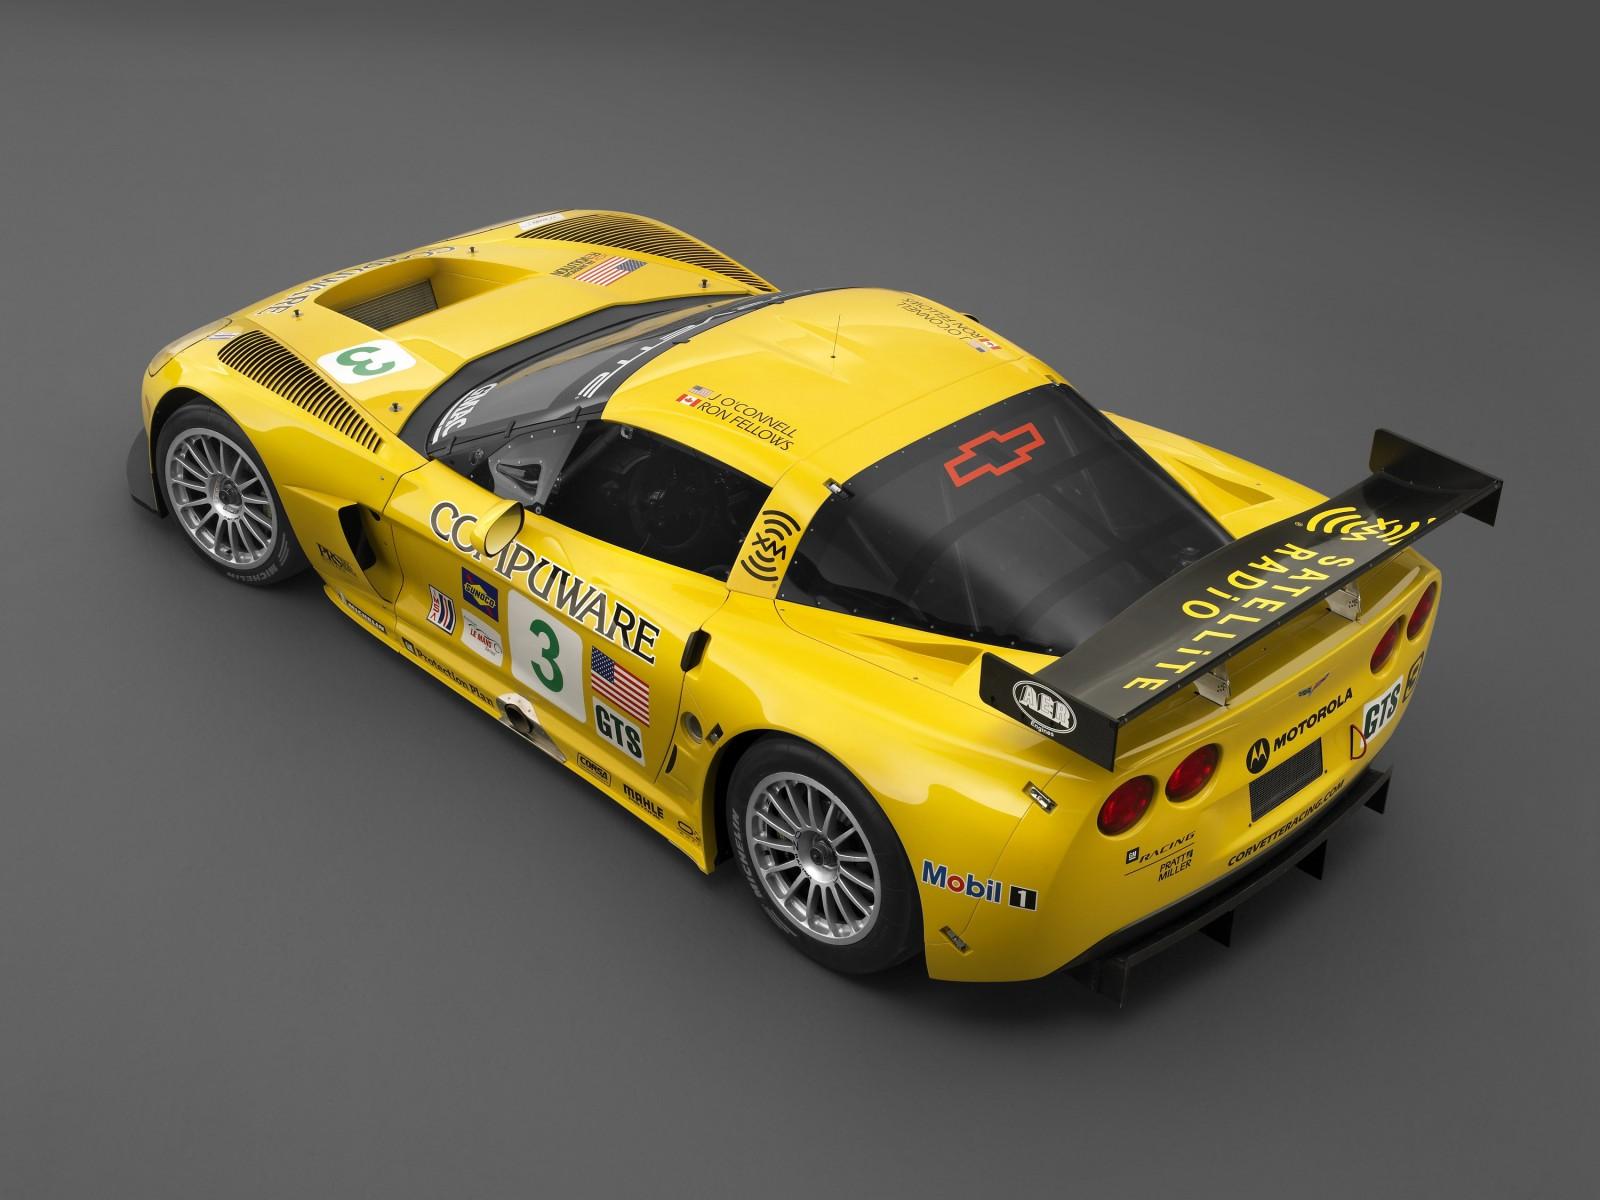 2005 chevrolet corvette c6